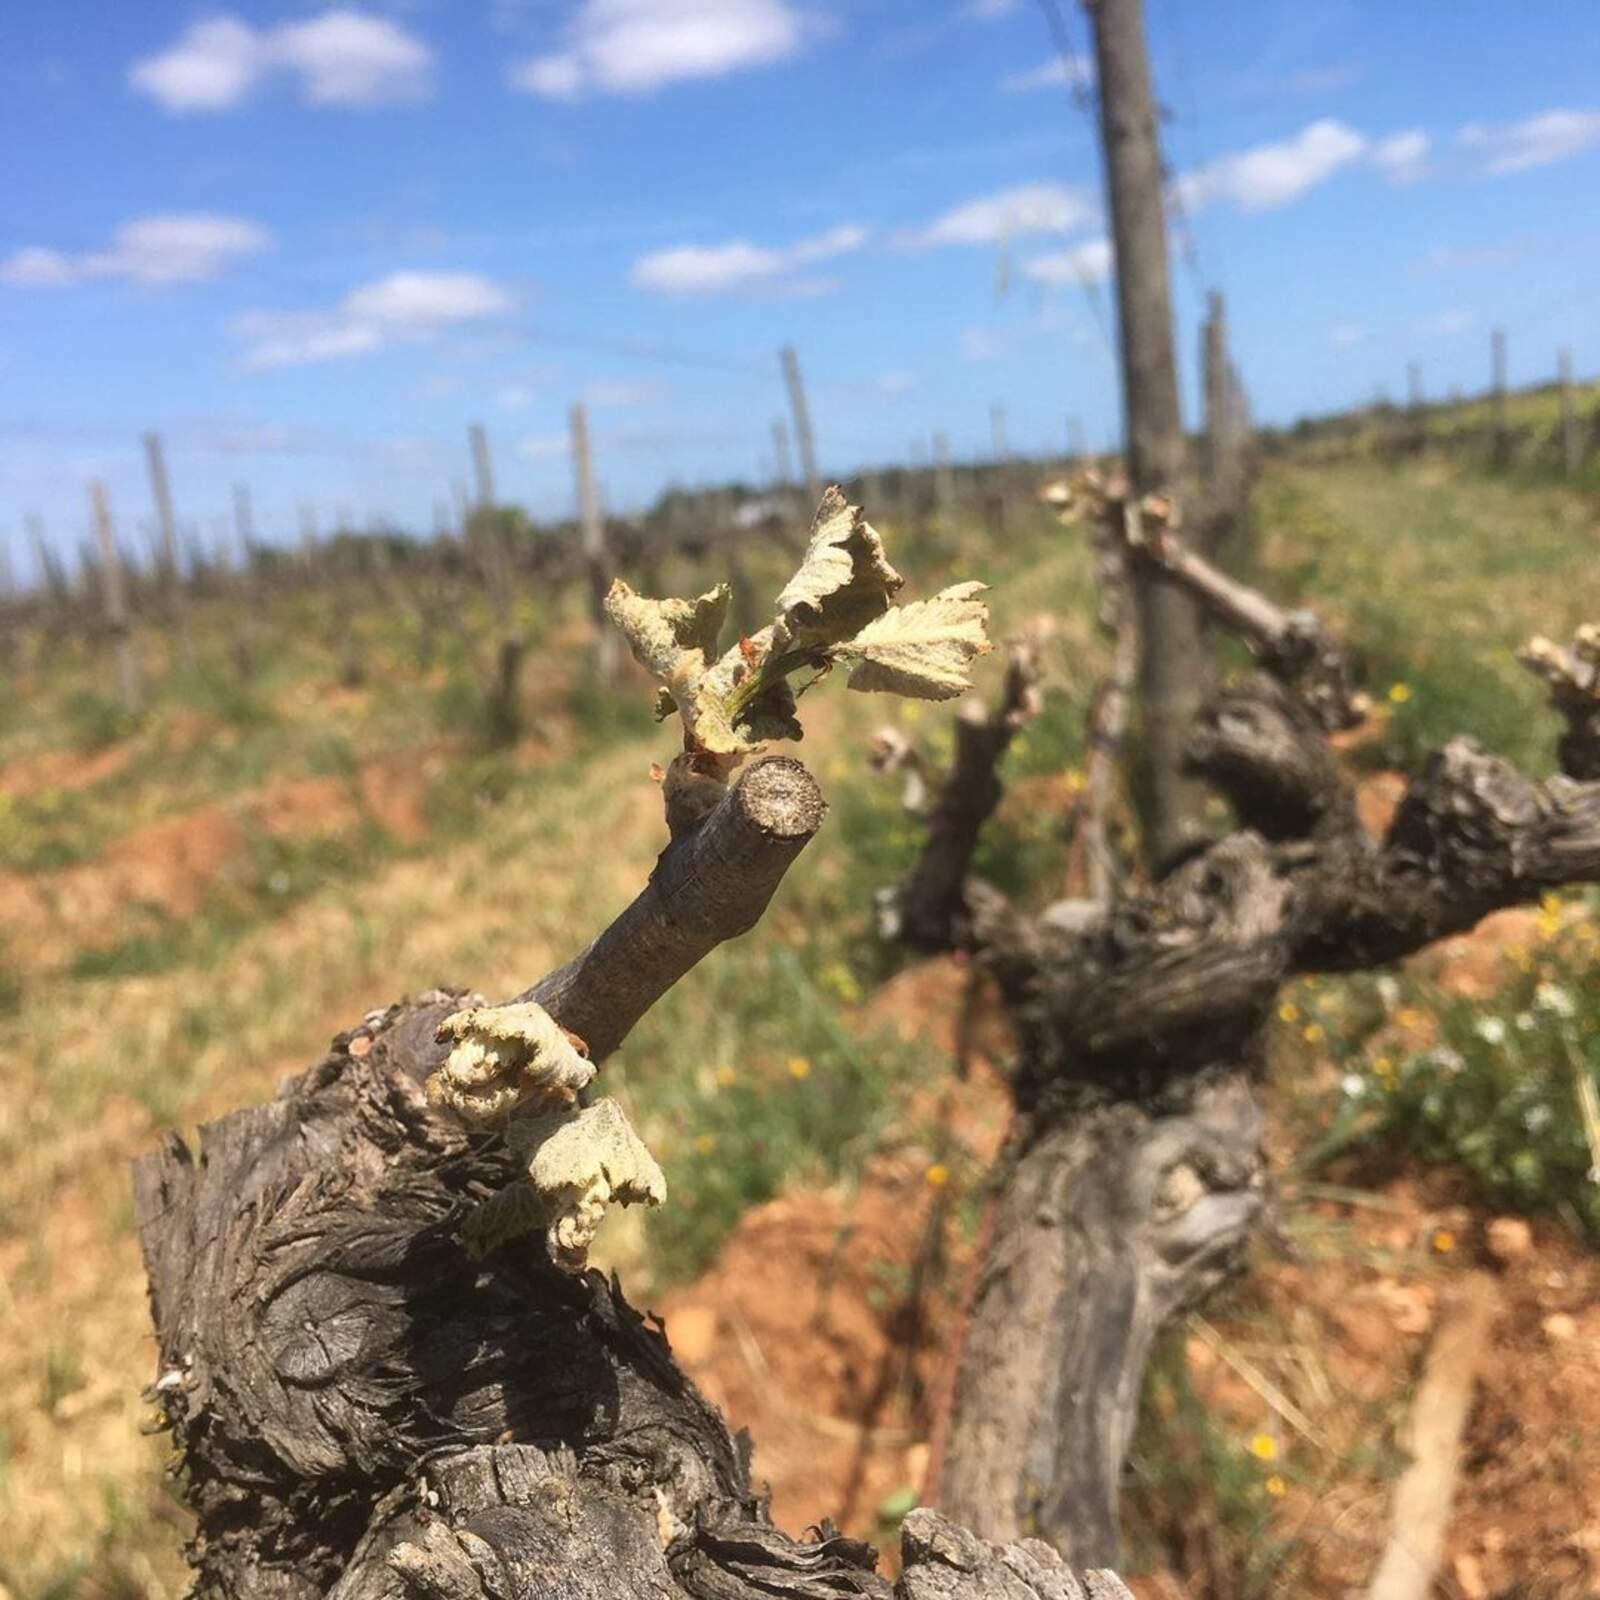 Les vinyes de Can Majoral s'han vist afectades per la gelada d'aquest abril